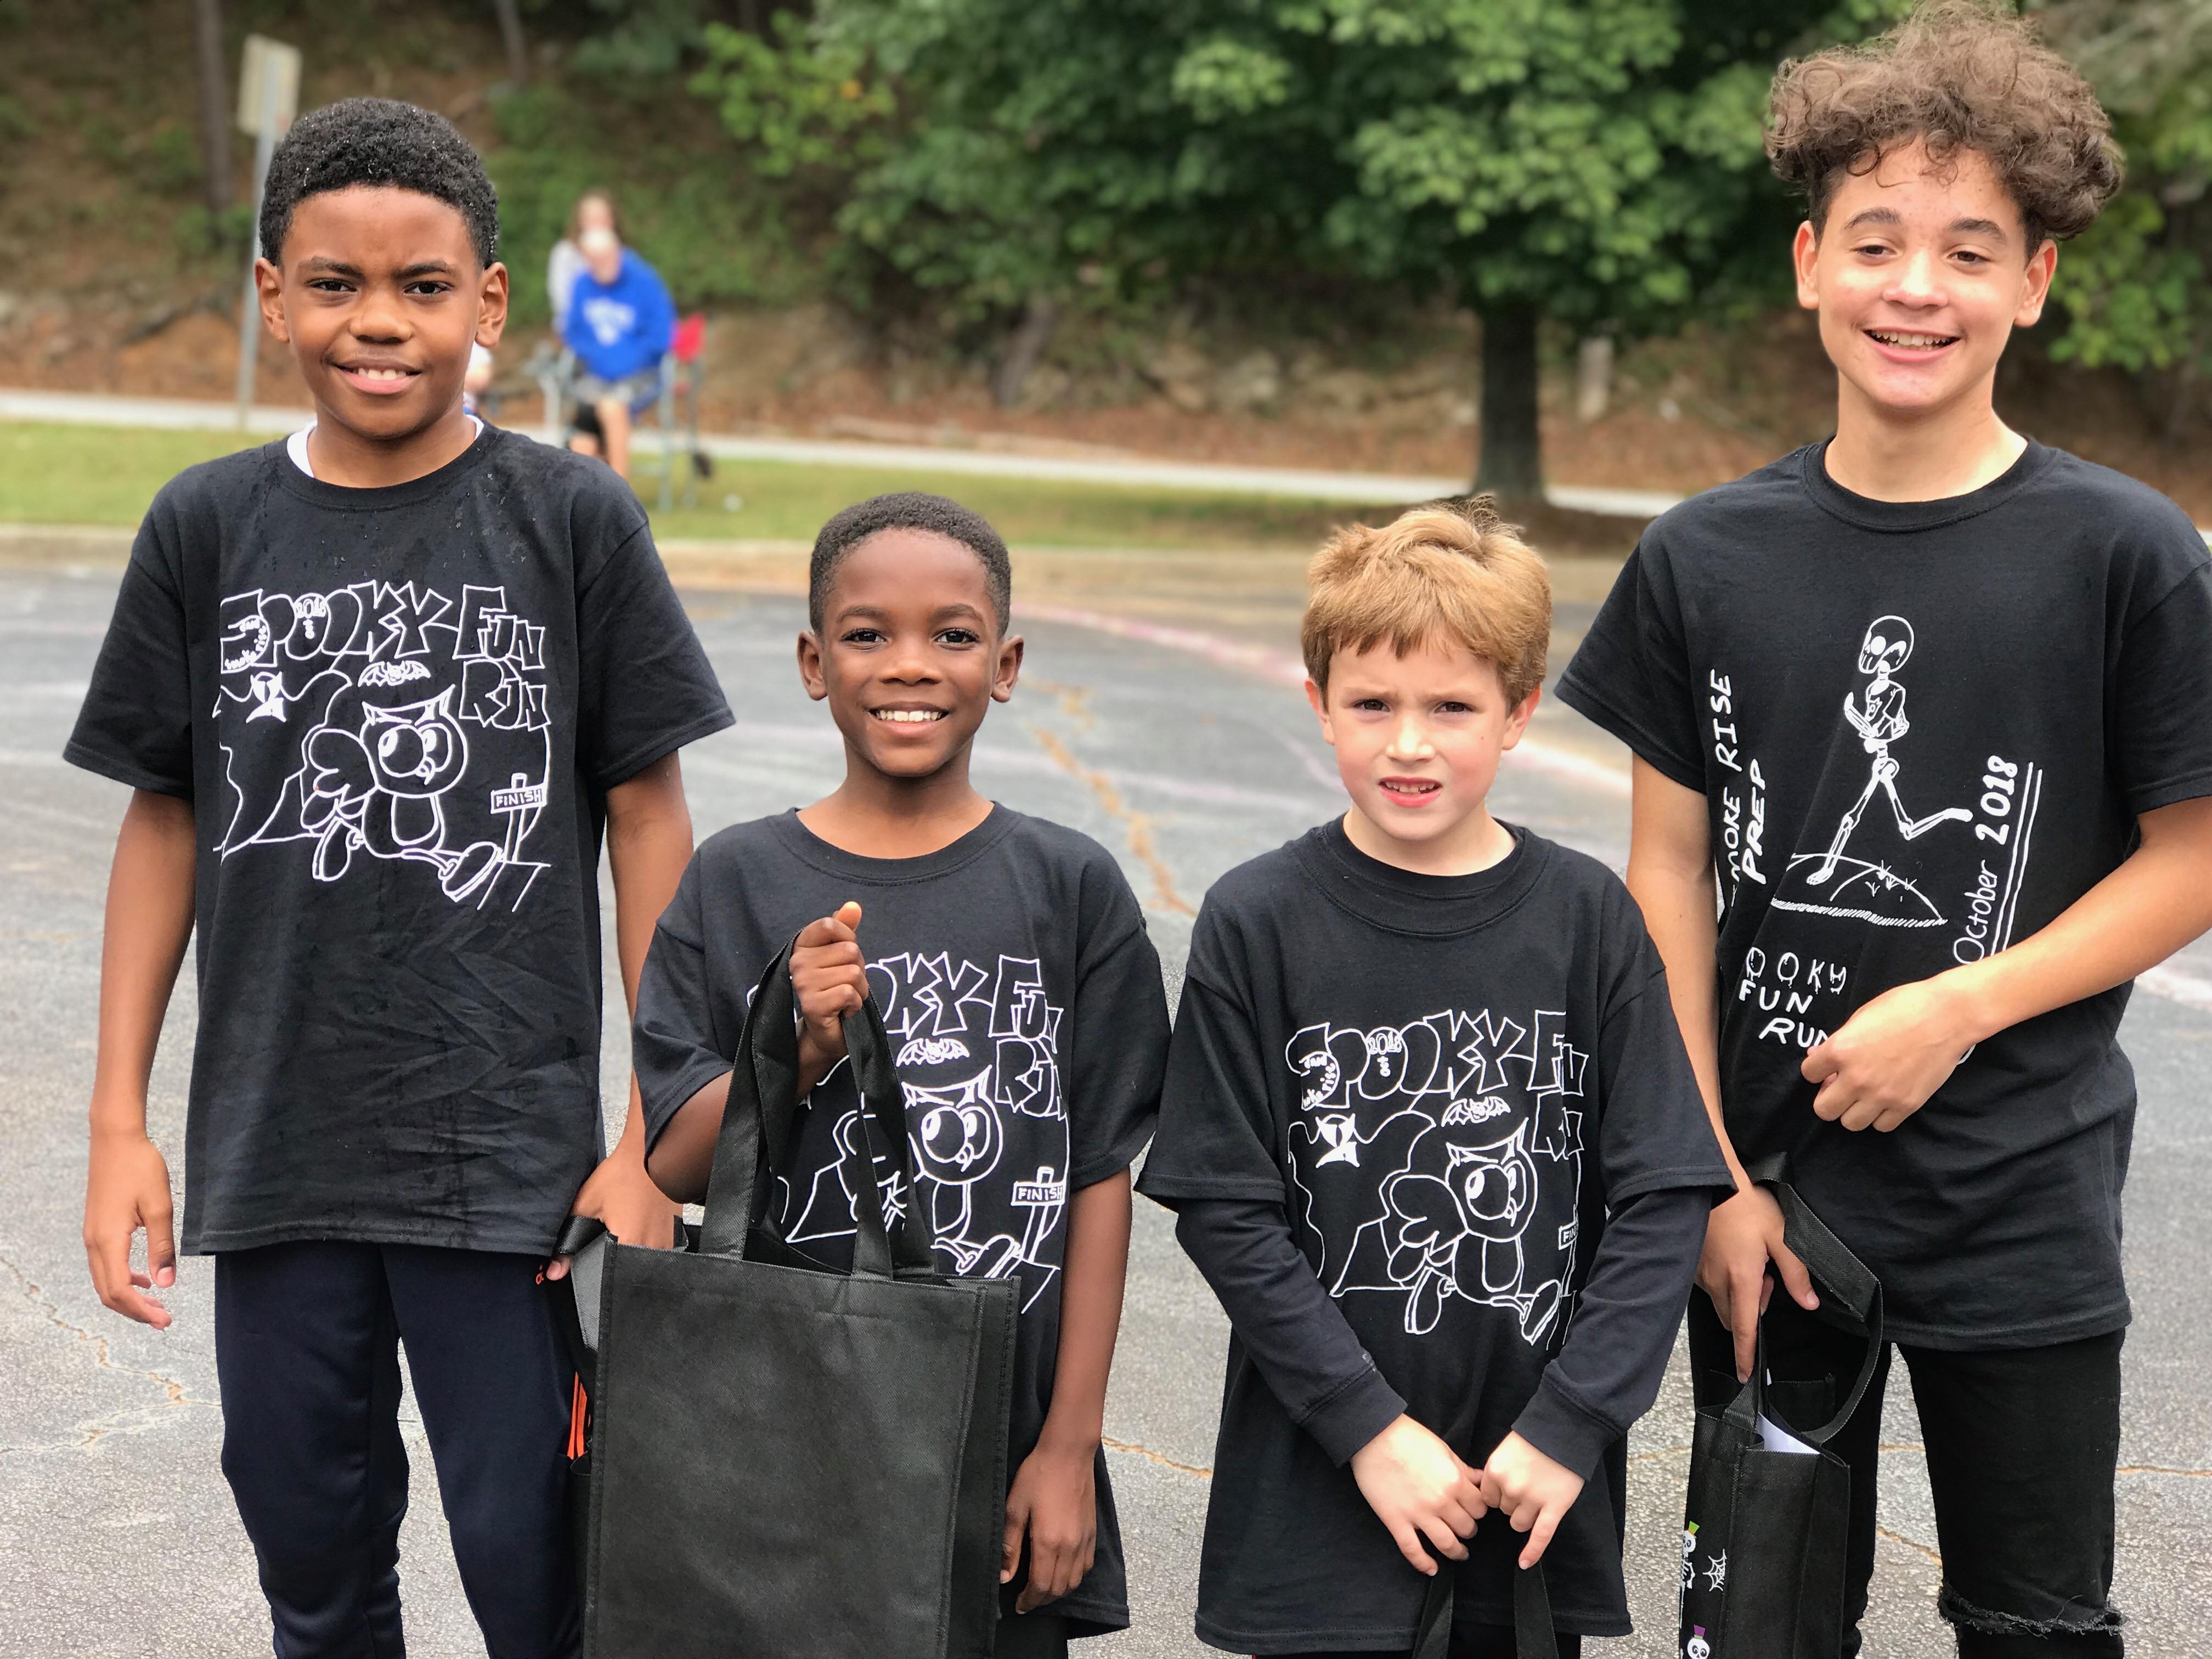 Spooky Fun Run Winners 2018